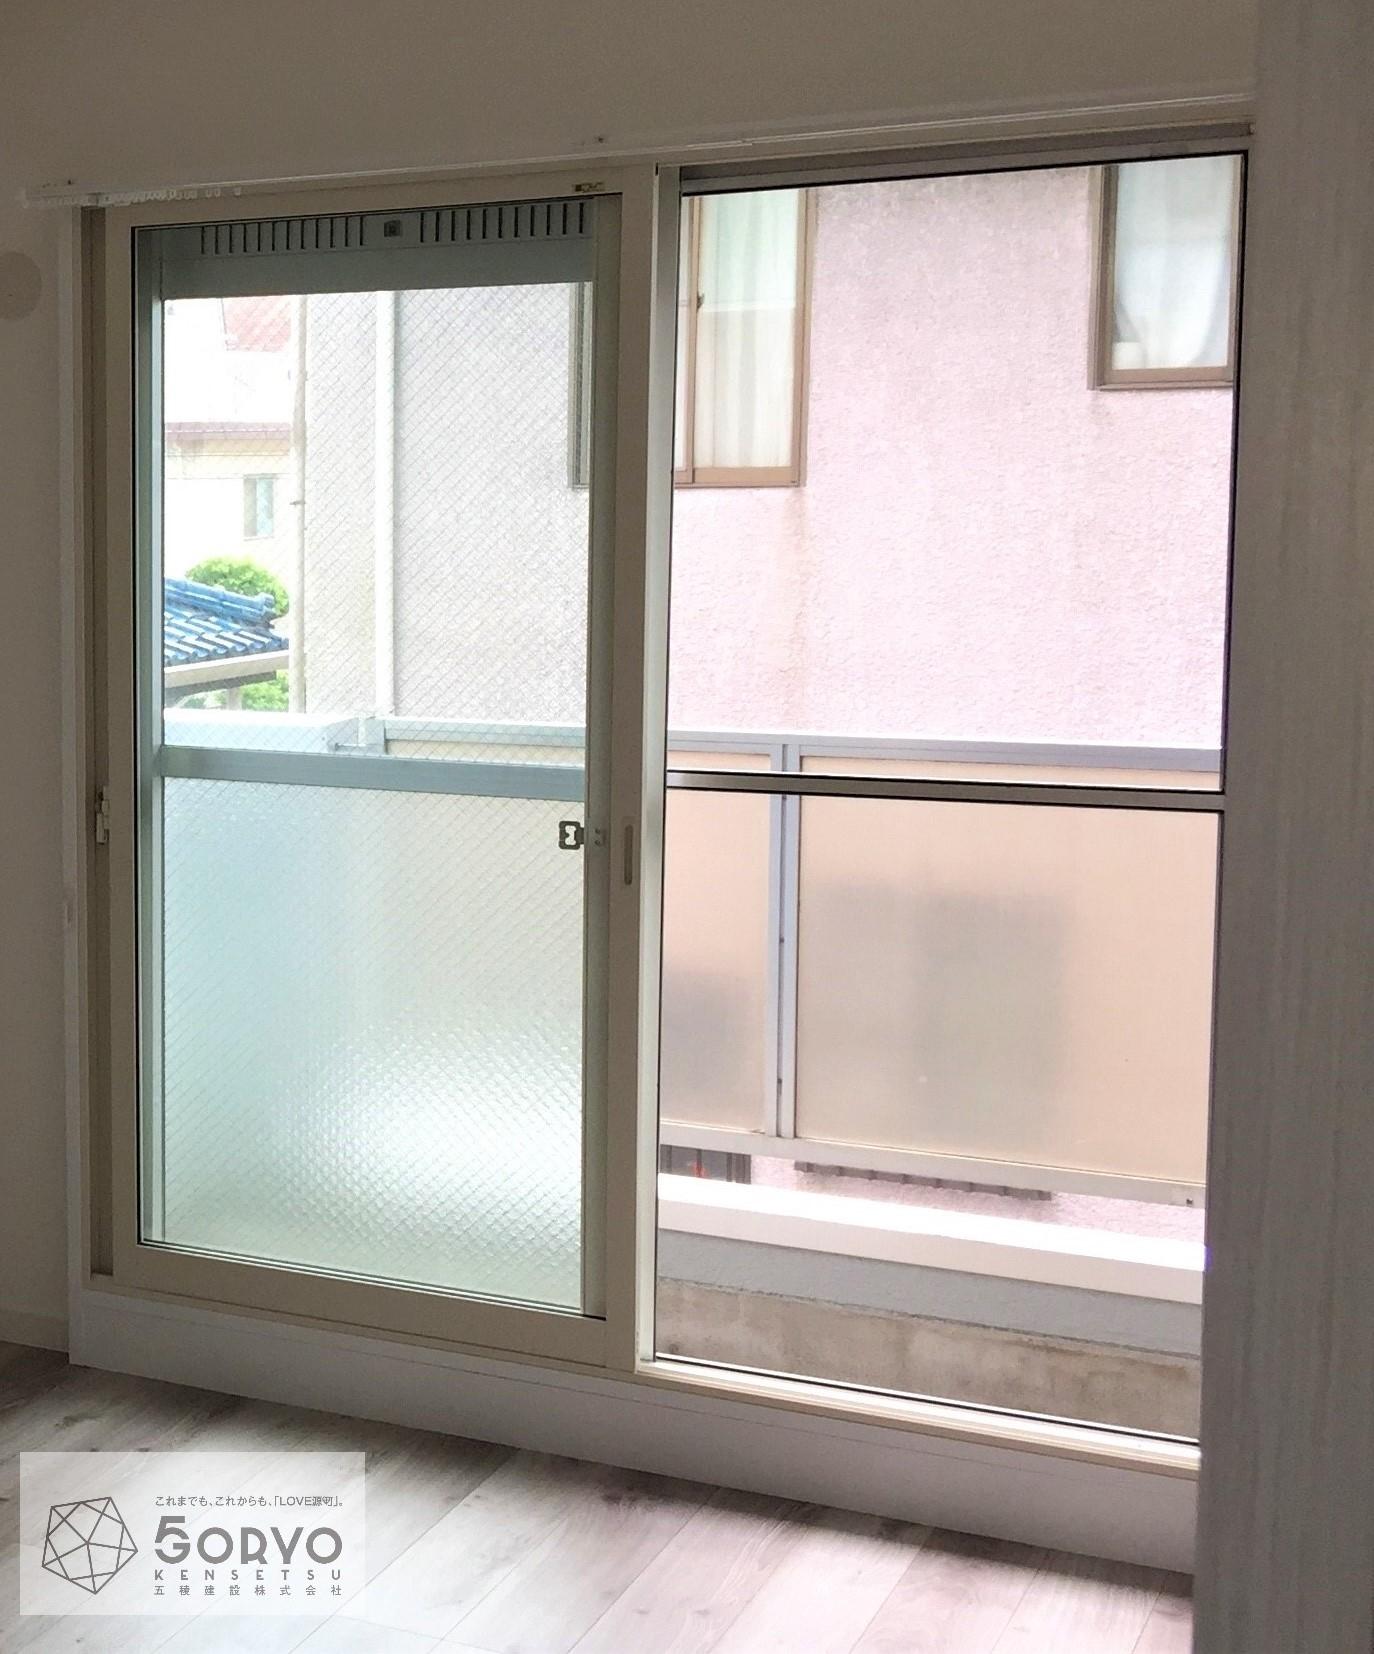 千葉市若葉区 二重窓の設置リフォームで気密性・断熱性の向上:施工後